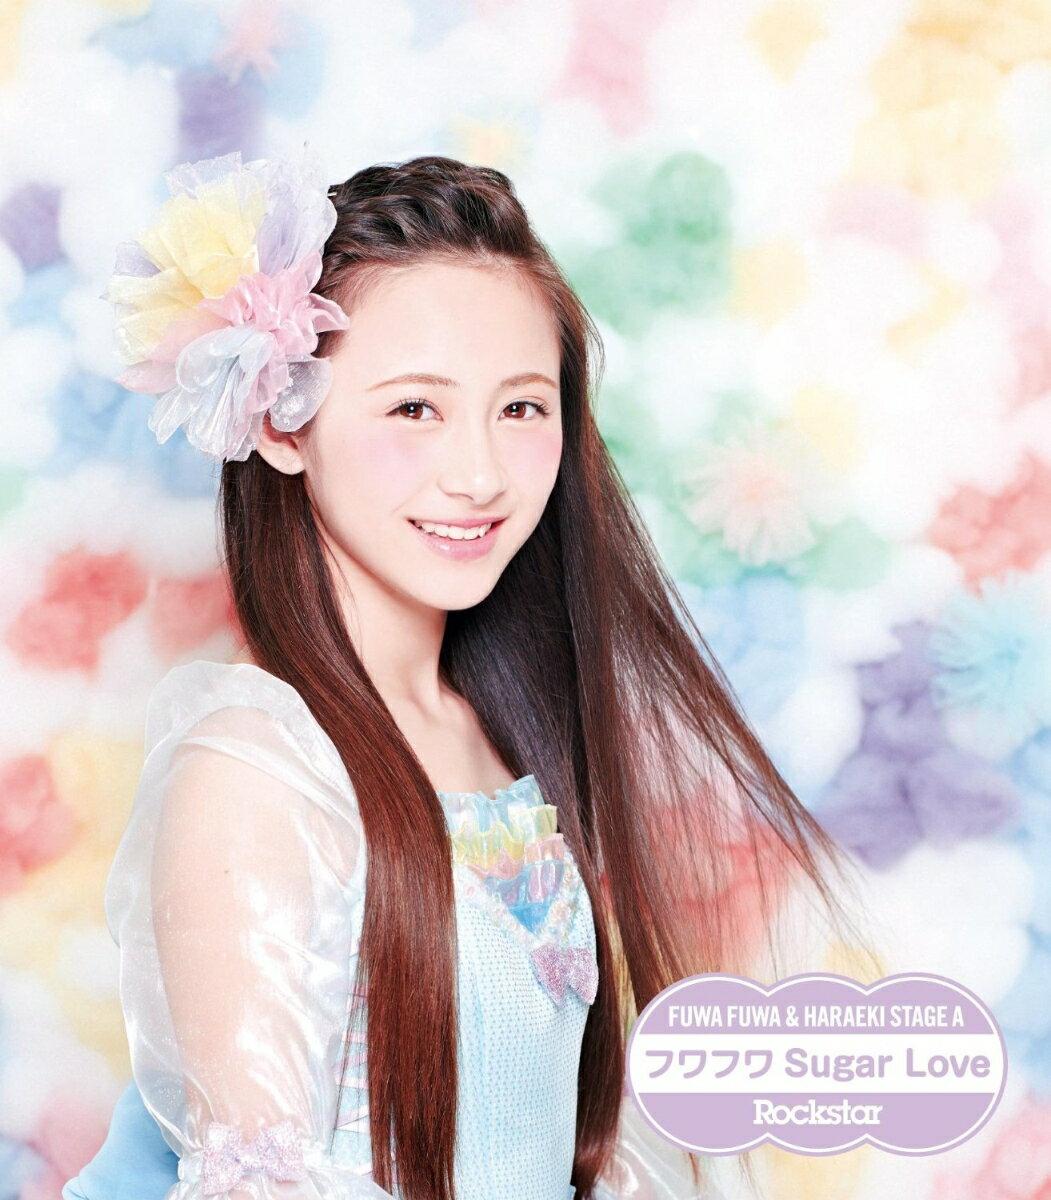 Rockstar/フワフワSugar Love (ふわふわ兼次桜菜ソロジャケットver) [ 原駅ステージA&ふわふわ ]